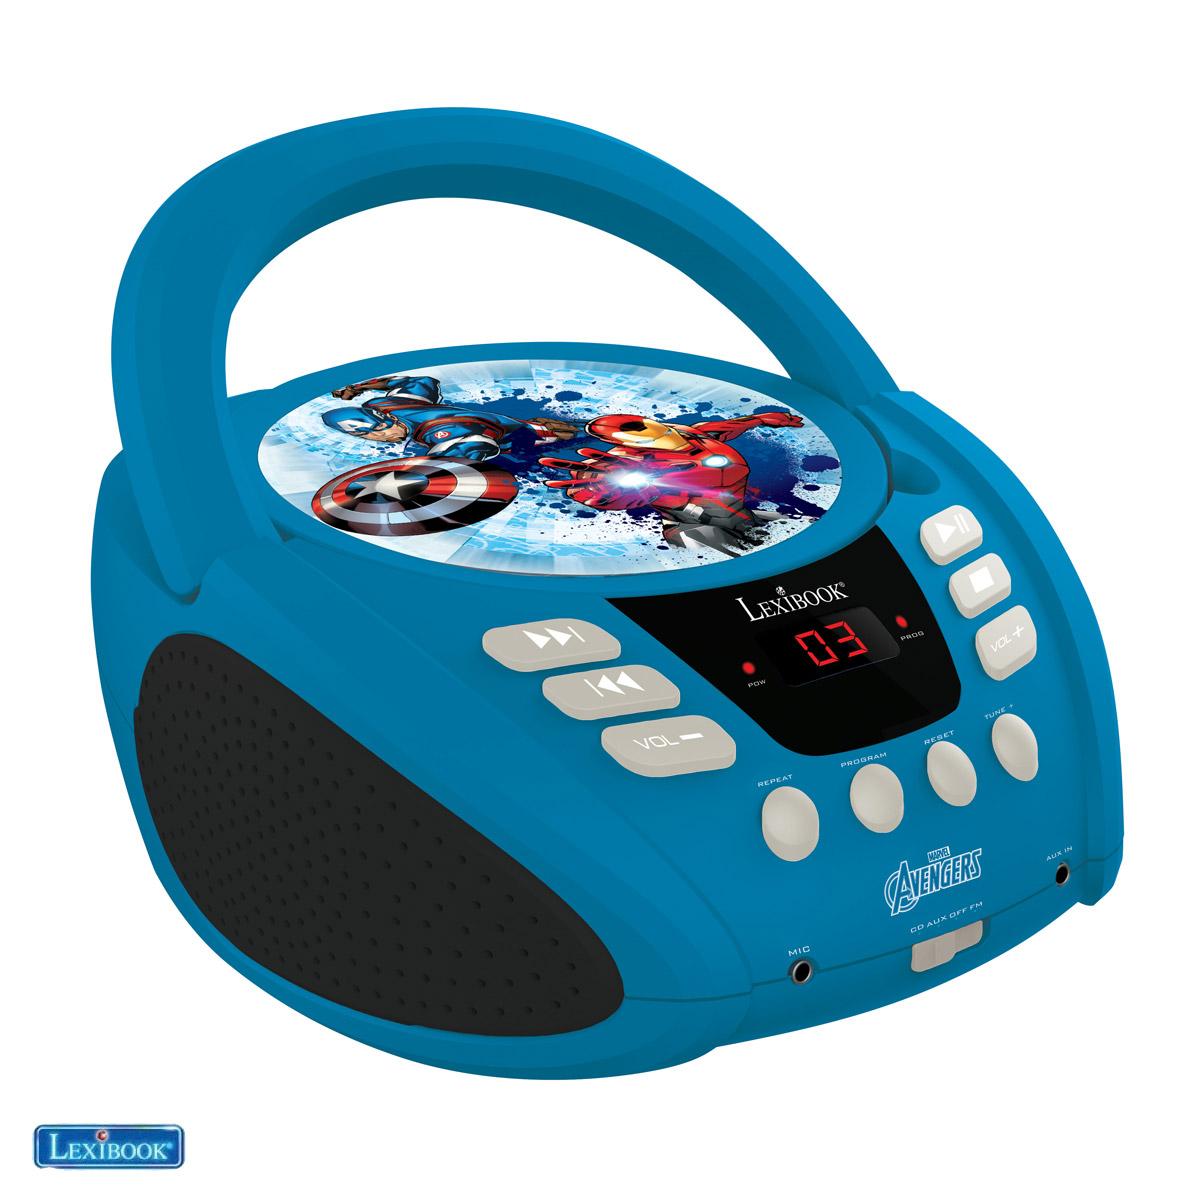 Lexibook - The Avengers Portable CD player with Mic Jack (RCD108AV)